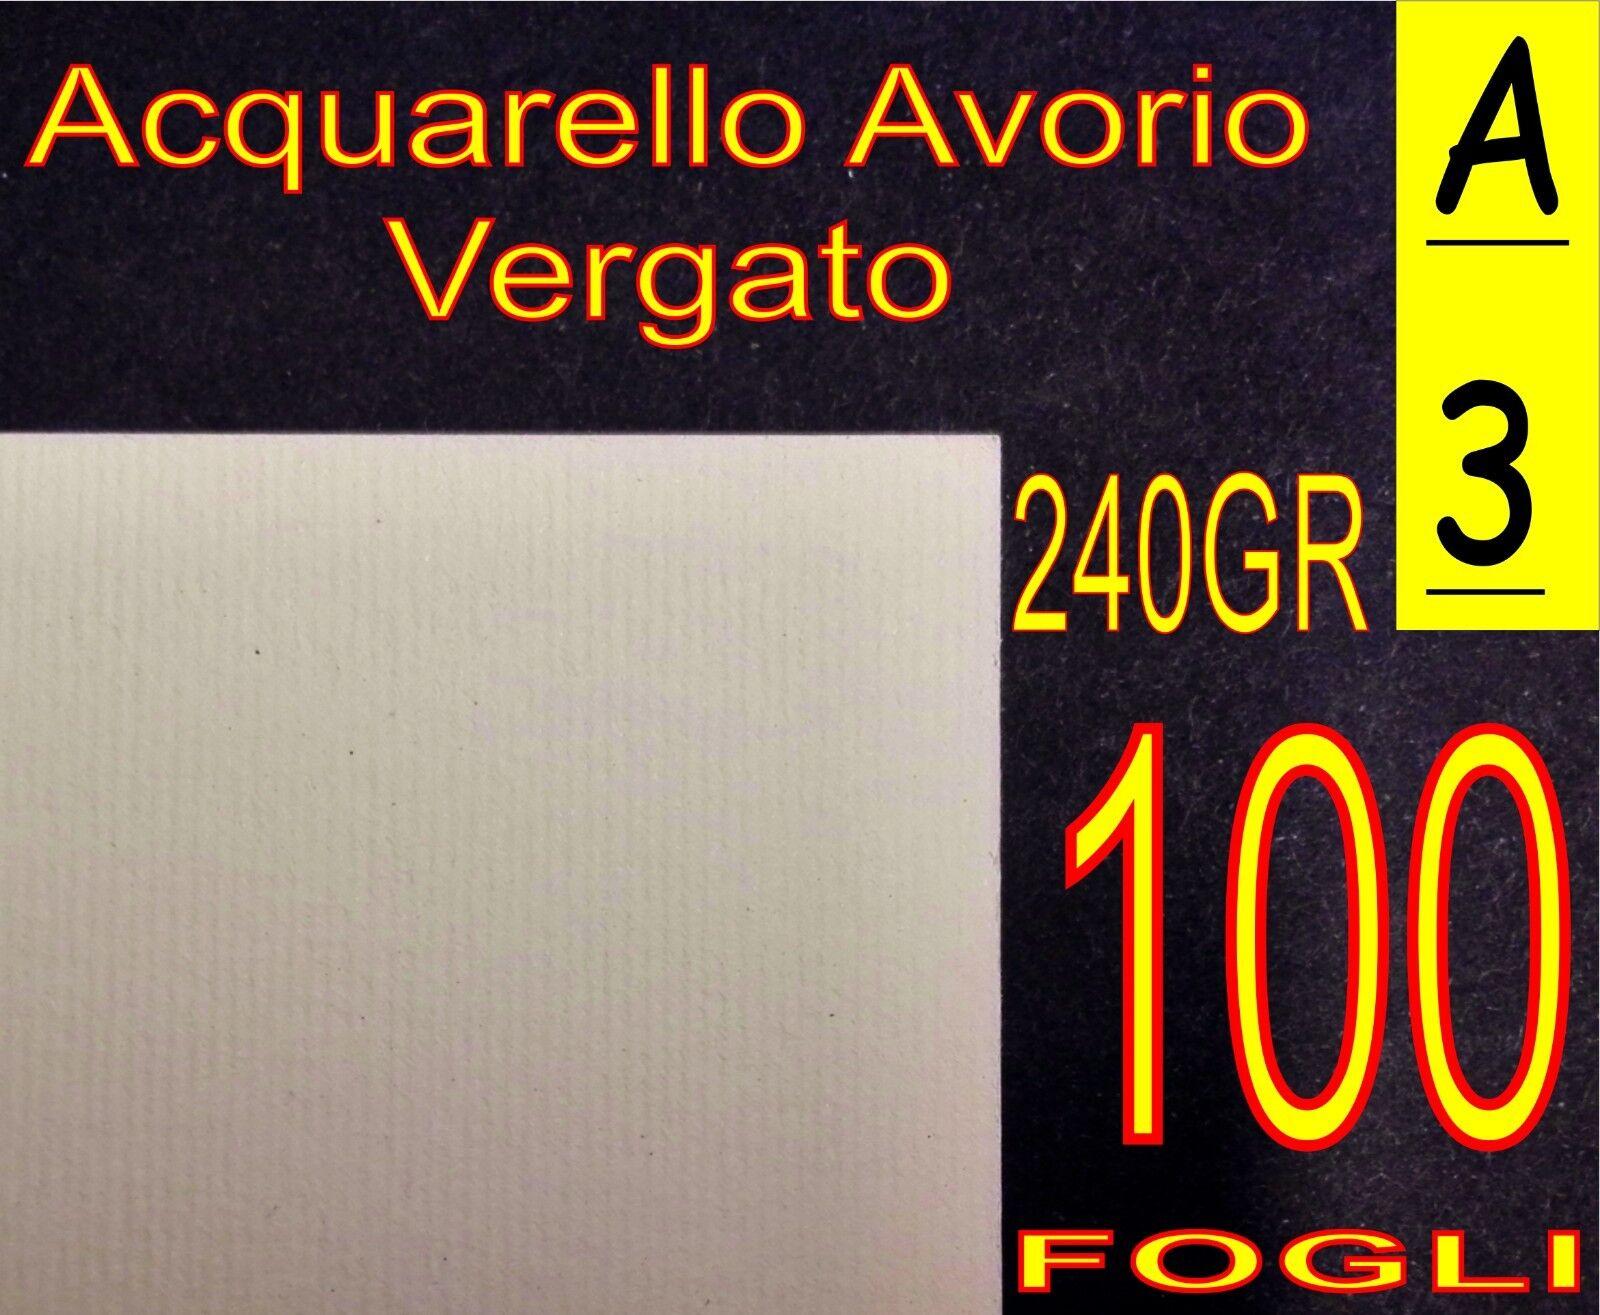 100 FF ACQUARELLO AVORIO STAMPANTE A3 240GR ATTESTATI DIPLOMA